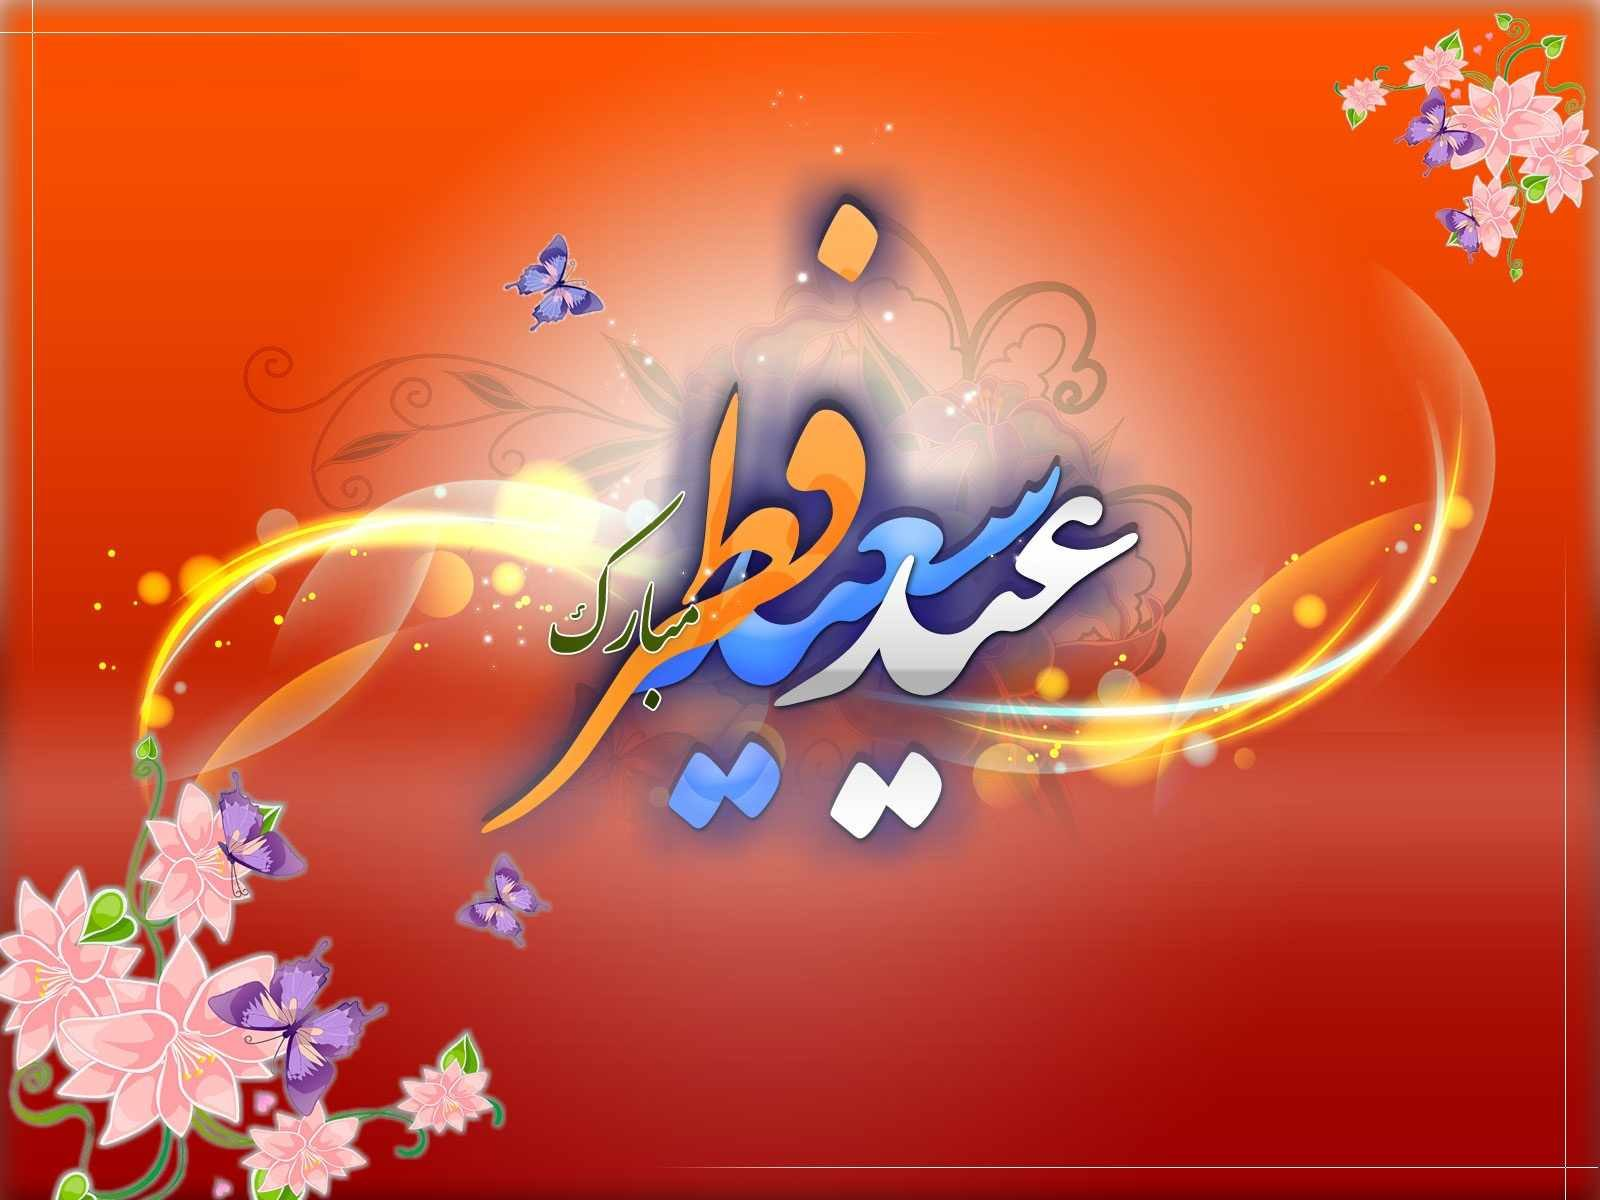 عکس نوشته تبریک عید فطر با کیفیت بالا